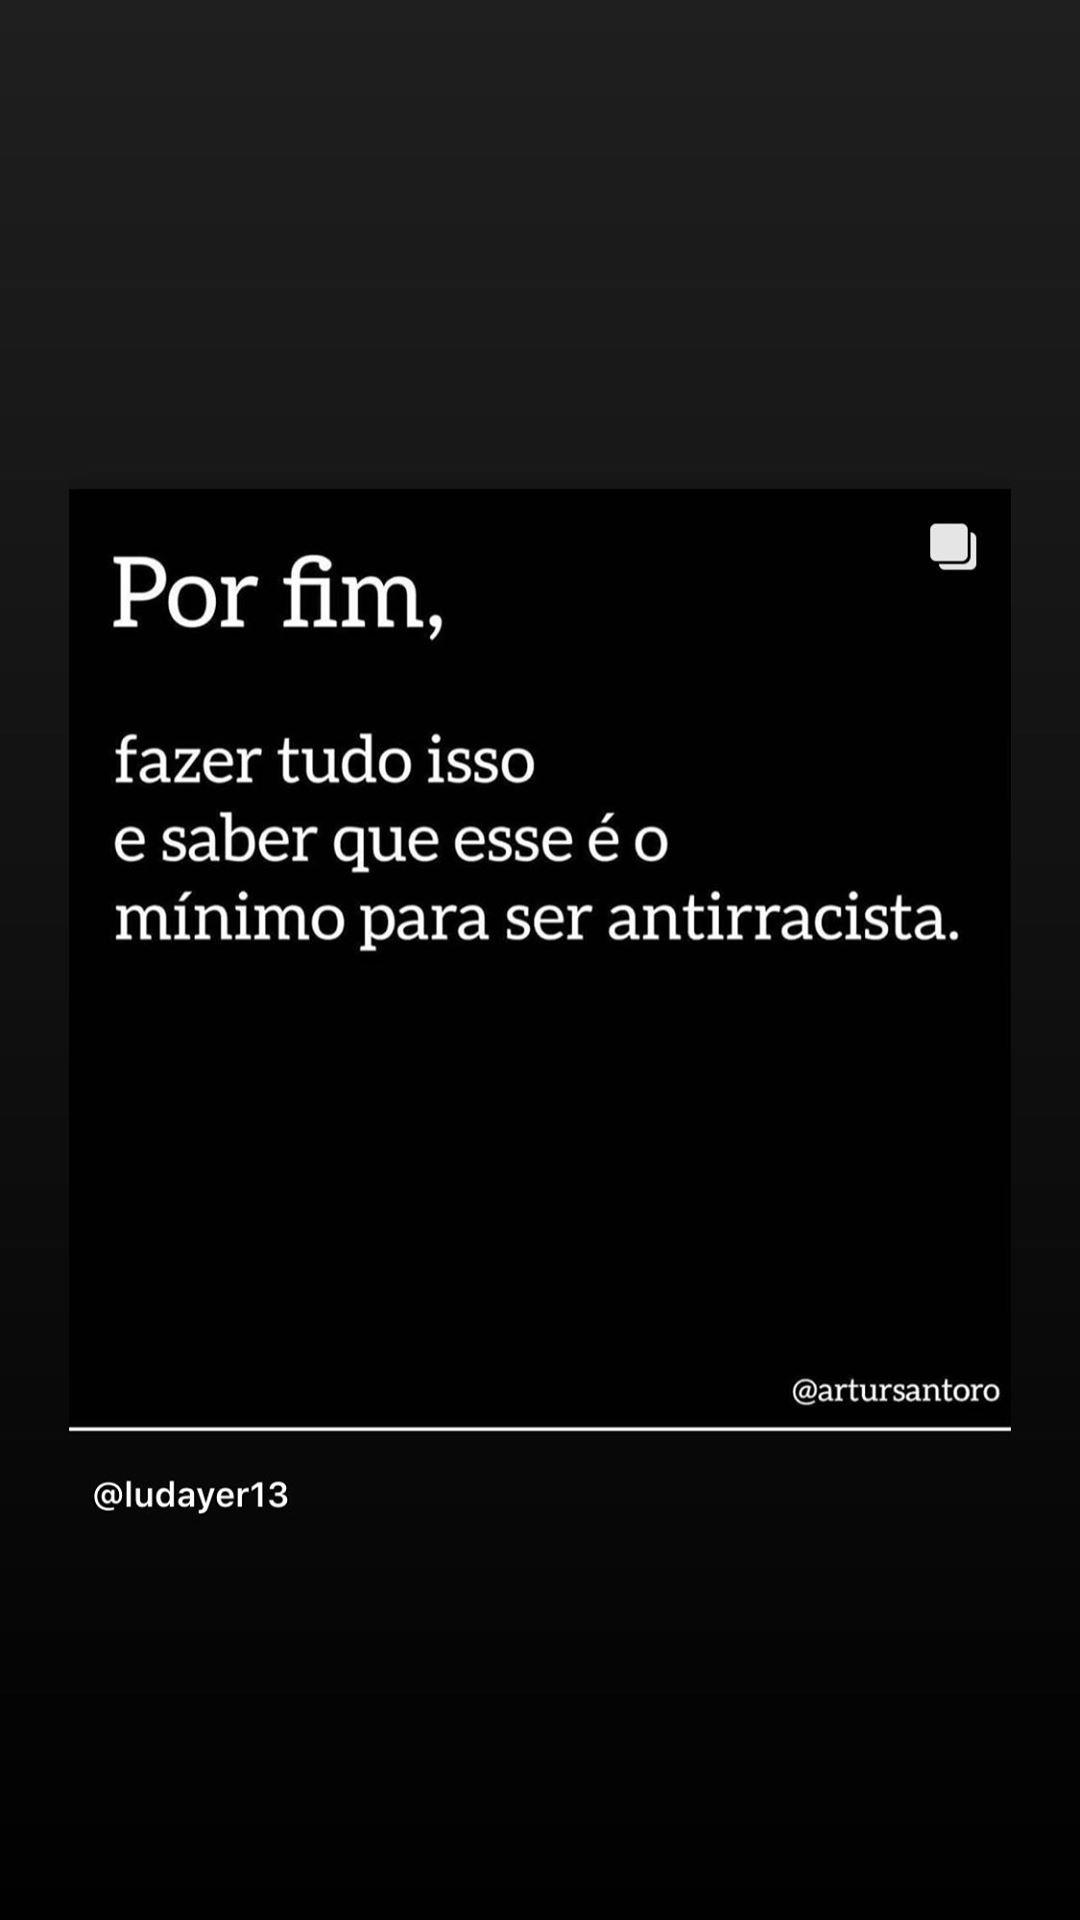 Fernanda Souza finalizou seu apelo pedindo o mínimo (Foto: Reprodução/Instagram)